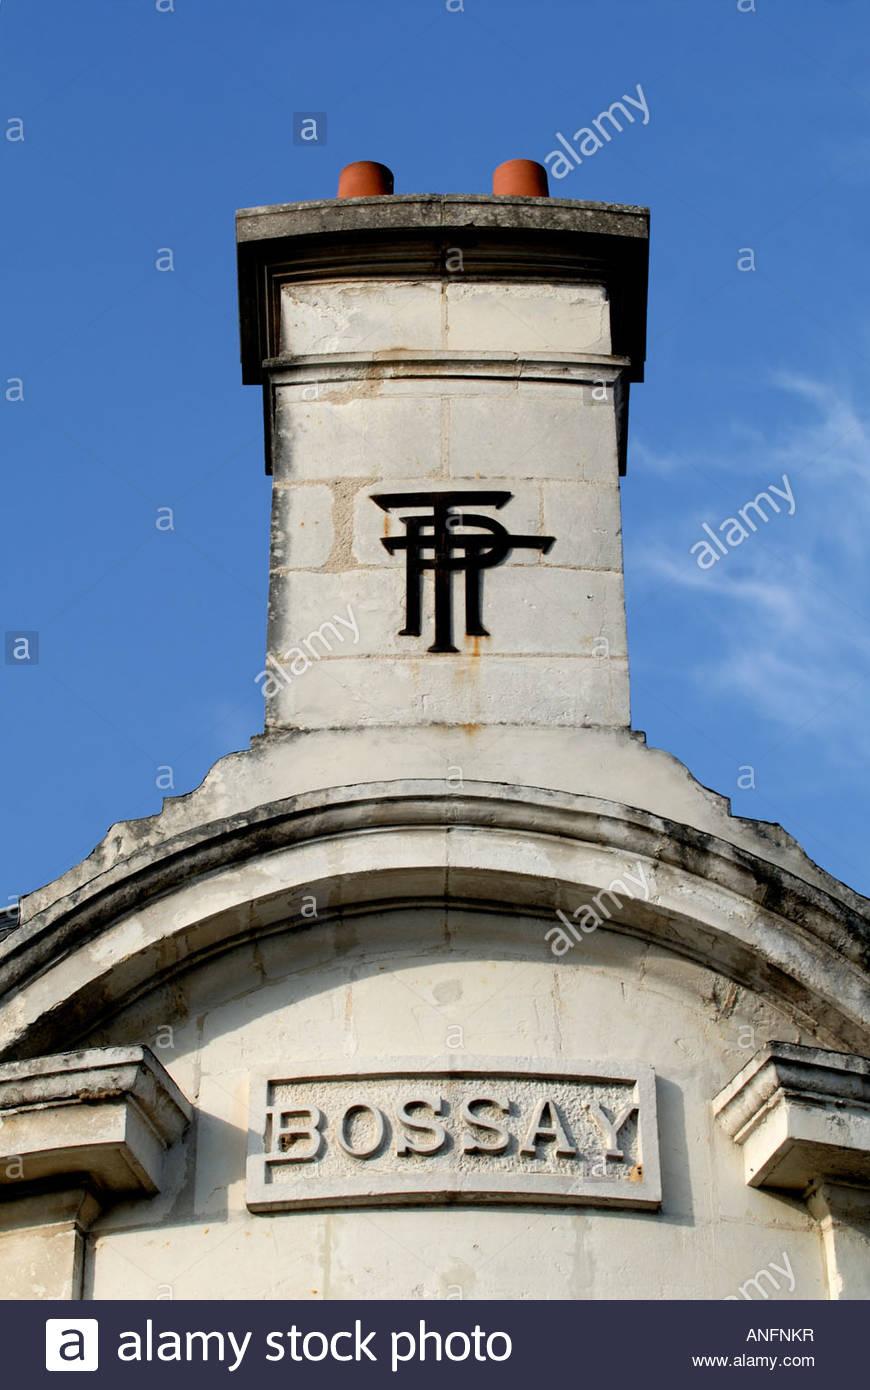 ptt buchstaben dekoration postamt schornstein bossay sur claise frankreich anfnkr